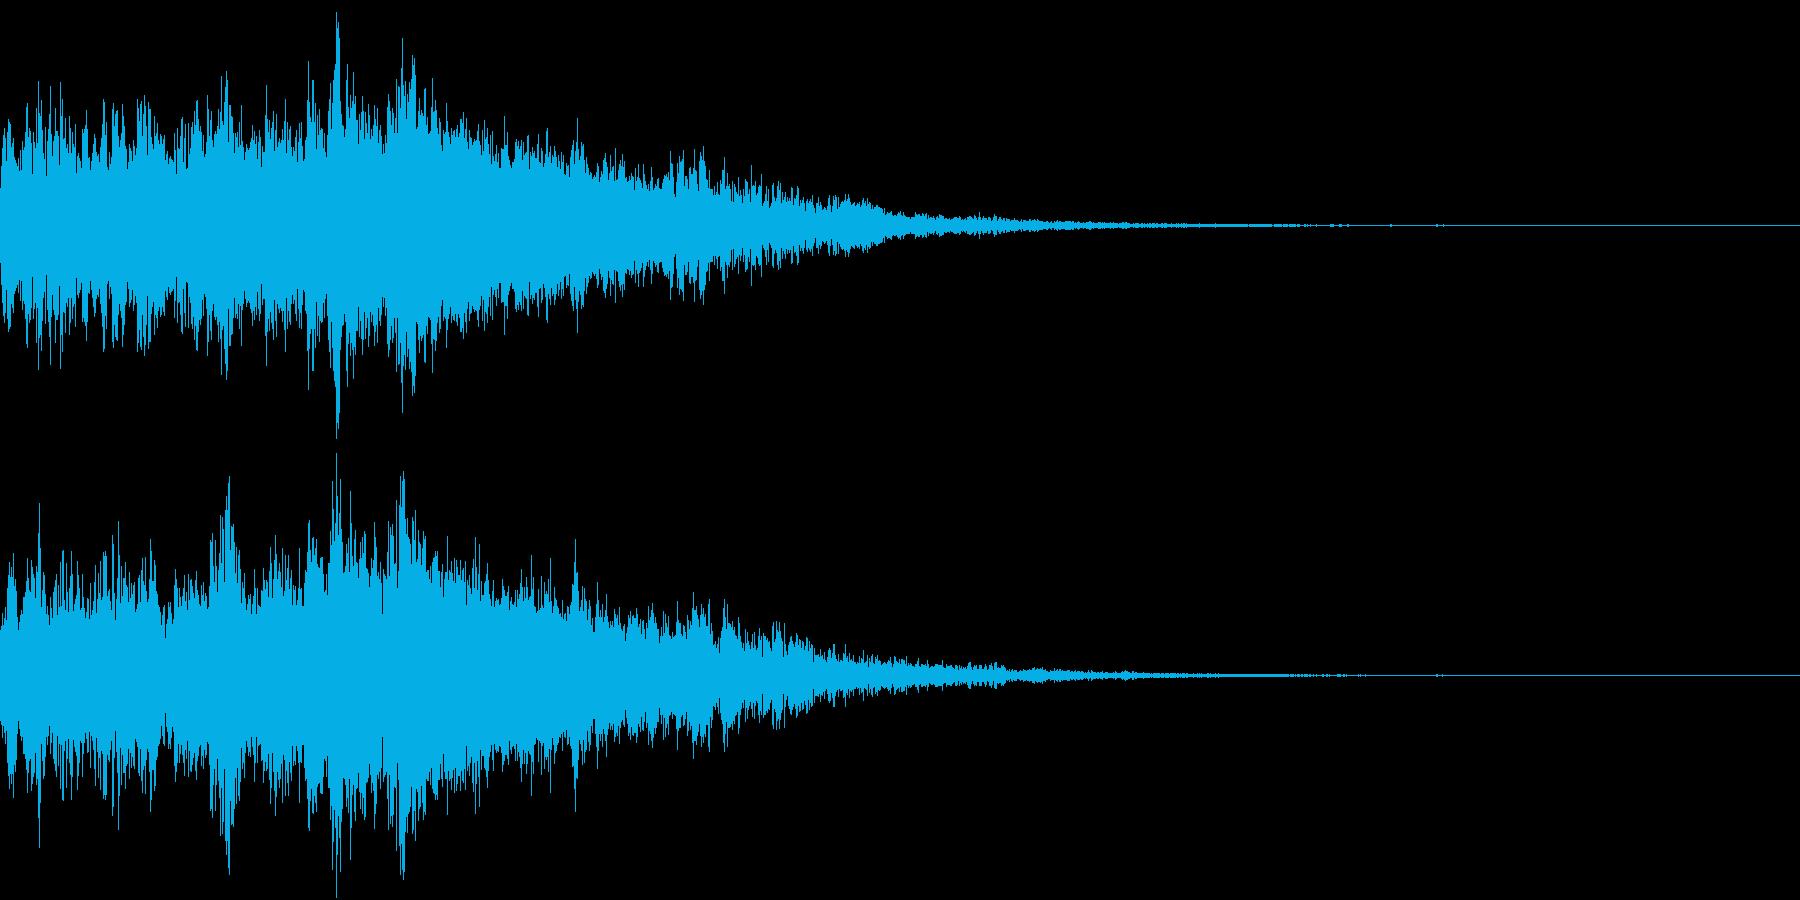 Warp 巨大化 変身 化学反応 ワープの再生済みの波形